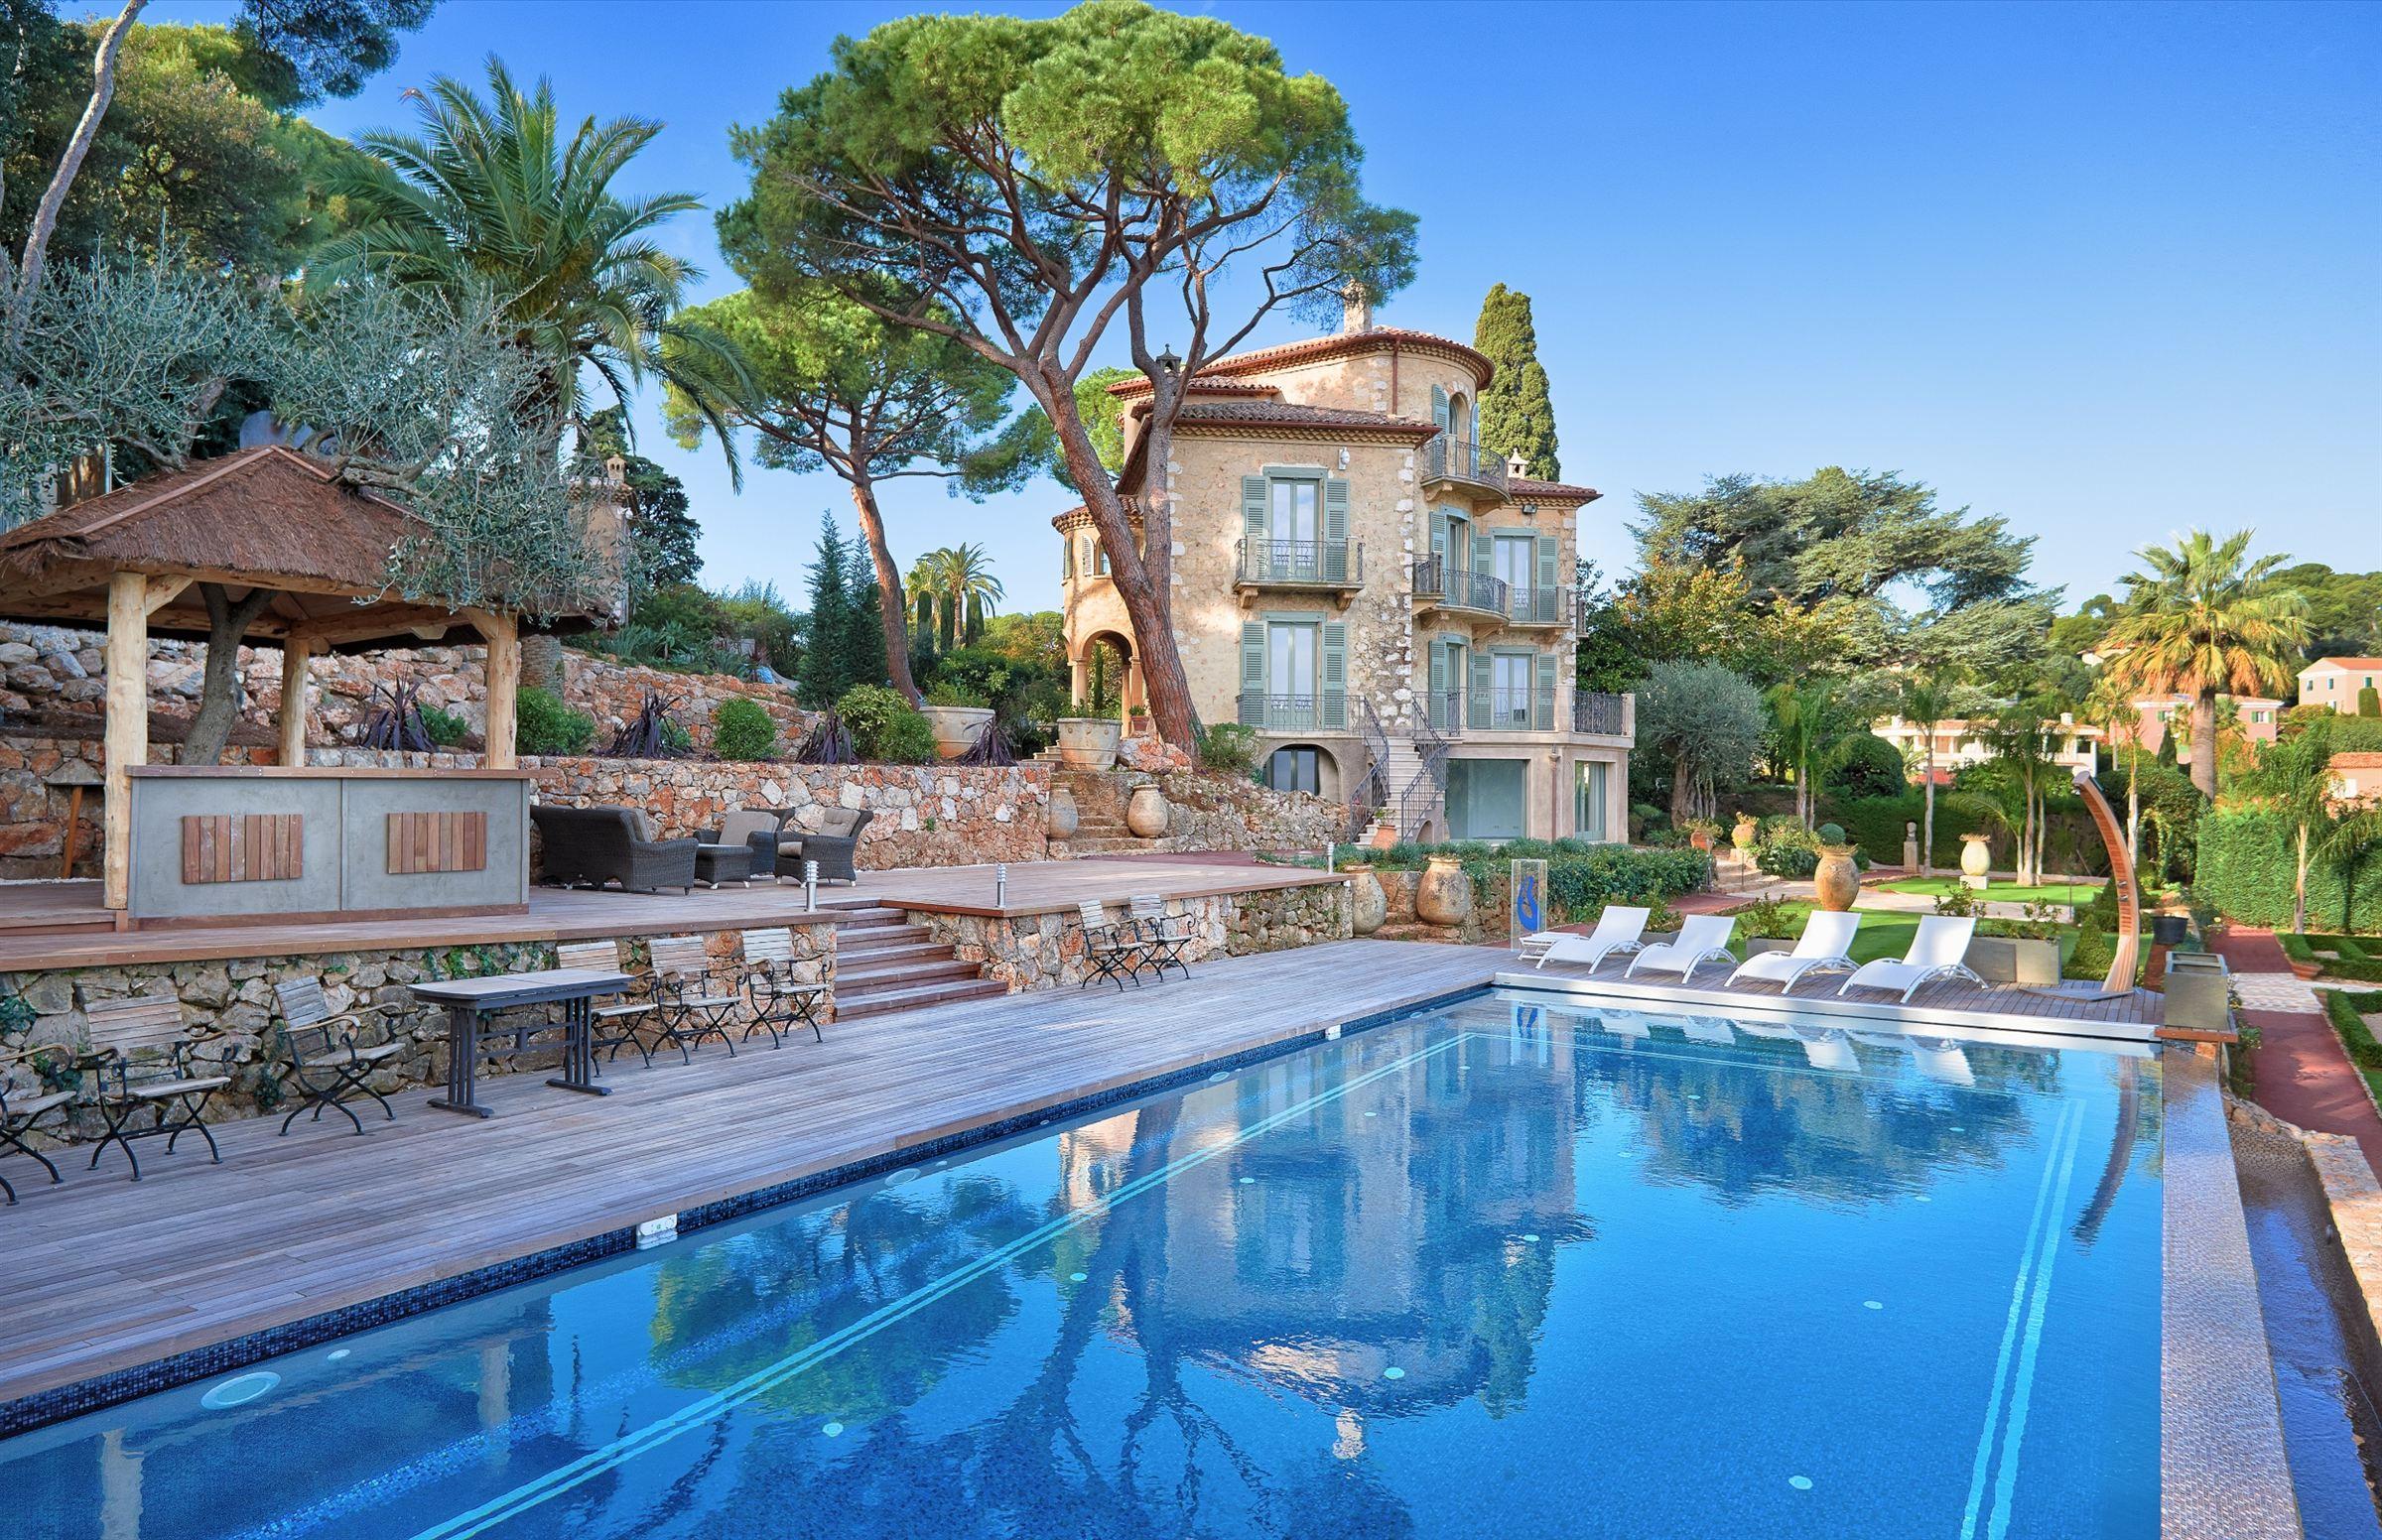 Single Family Home for Sale at Château Cima Villefranche Sur Mer, Provence-Alpes-Cote D'Azur, 06230 France